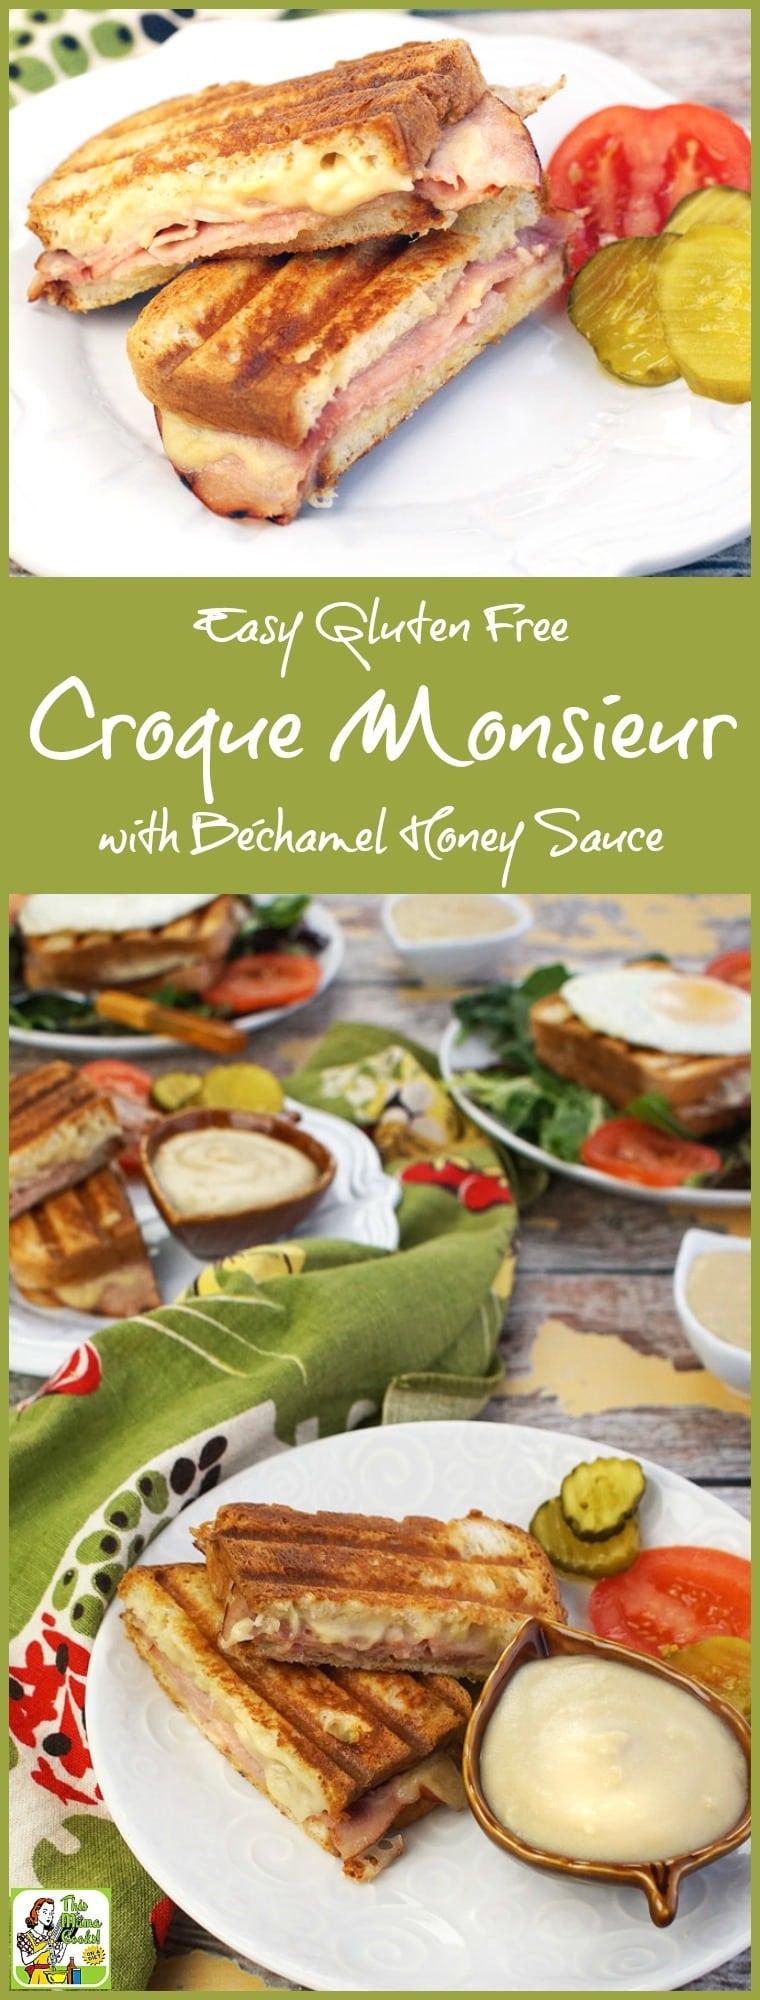 Easy-Gluten-Free-Croque-Monsieur-Bechamel-Honey-Sauce-recipe-1.jpg